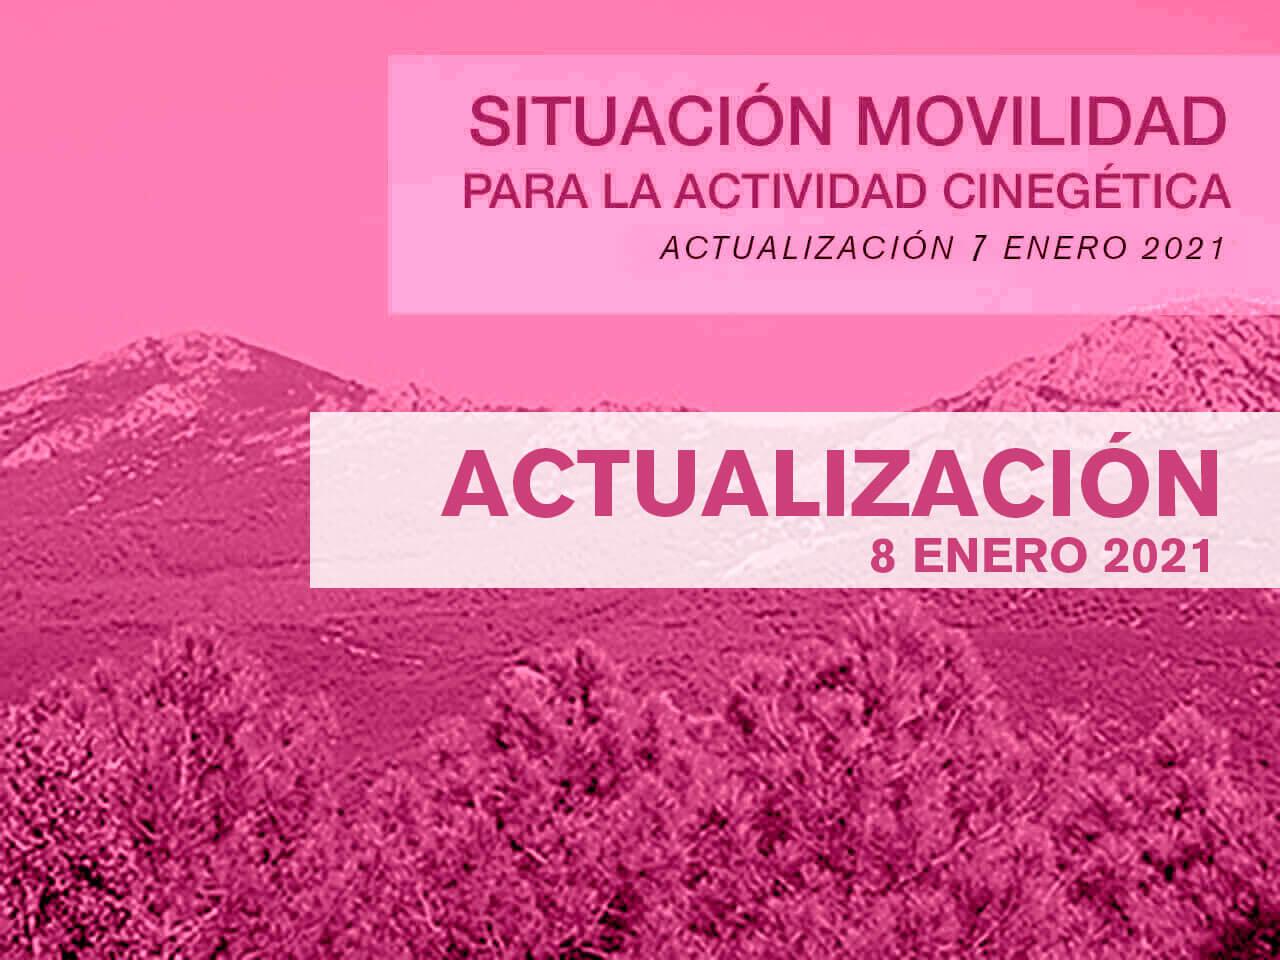 Situación de la movilidad para la práctica de la actividad cinegética